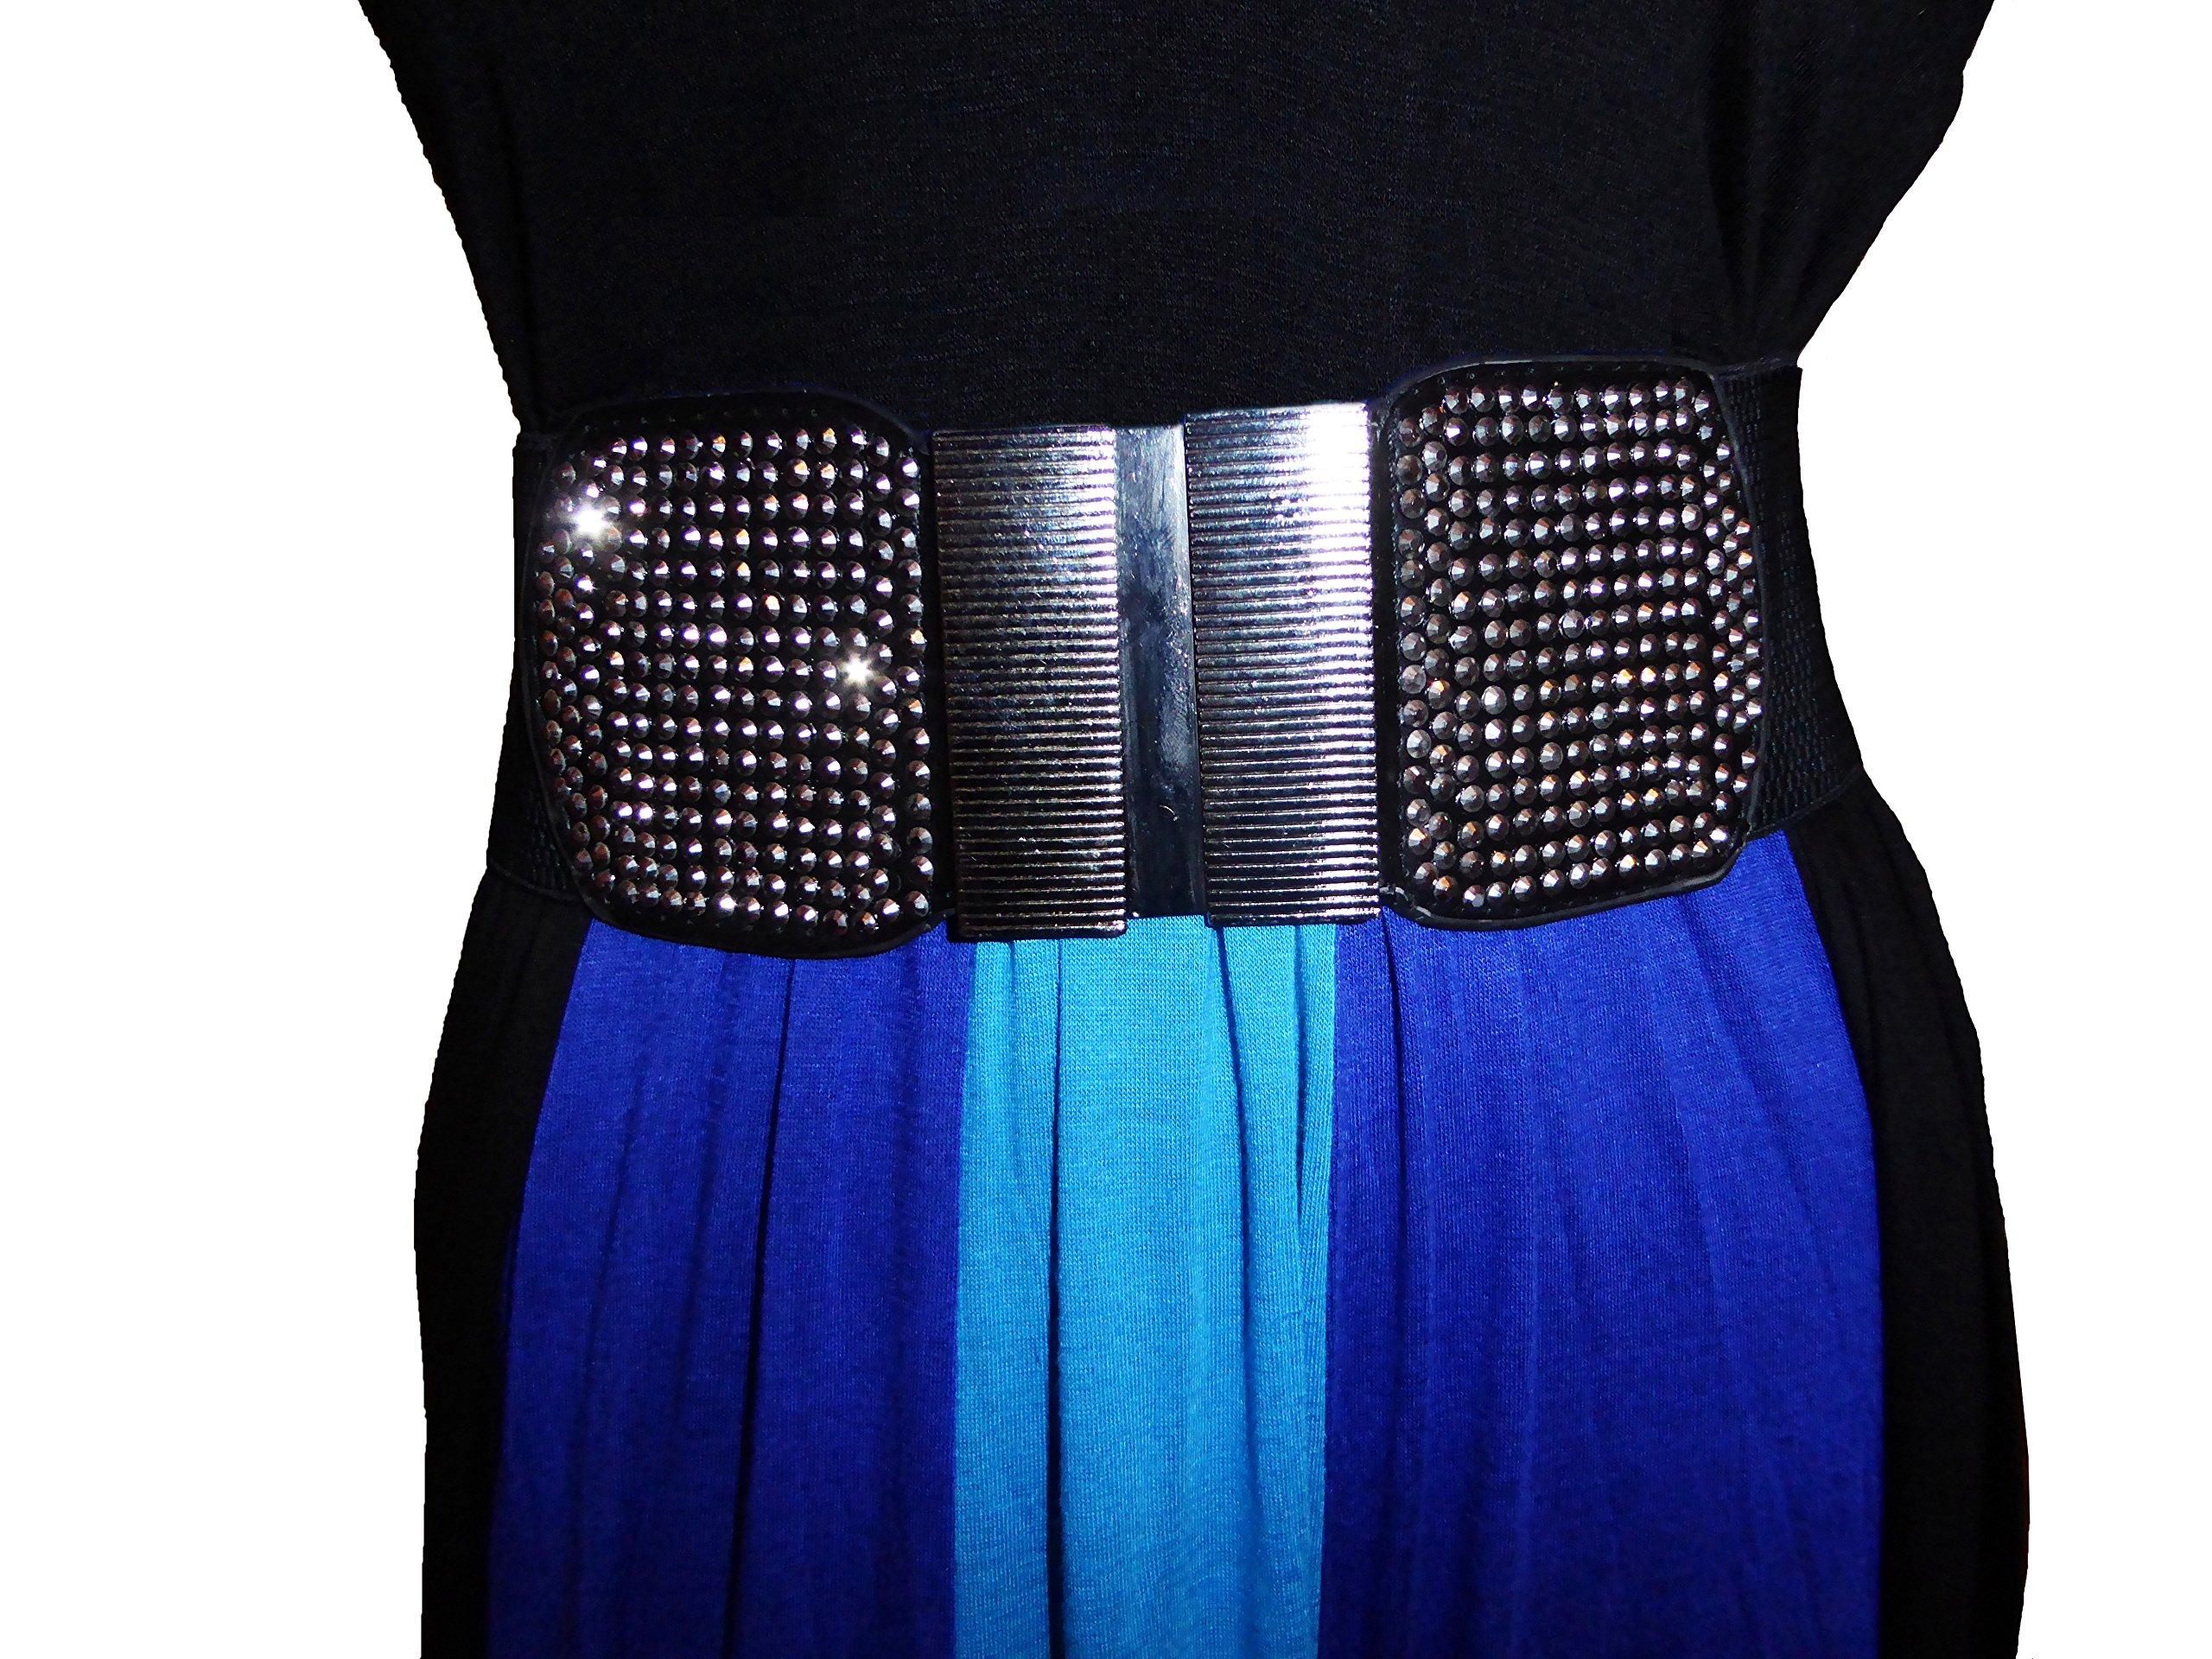 Funfash Belt Black Shimmering Stones Buckle Stretchy Elastic Belt Plus Size 3X